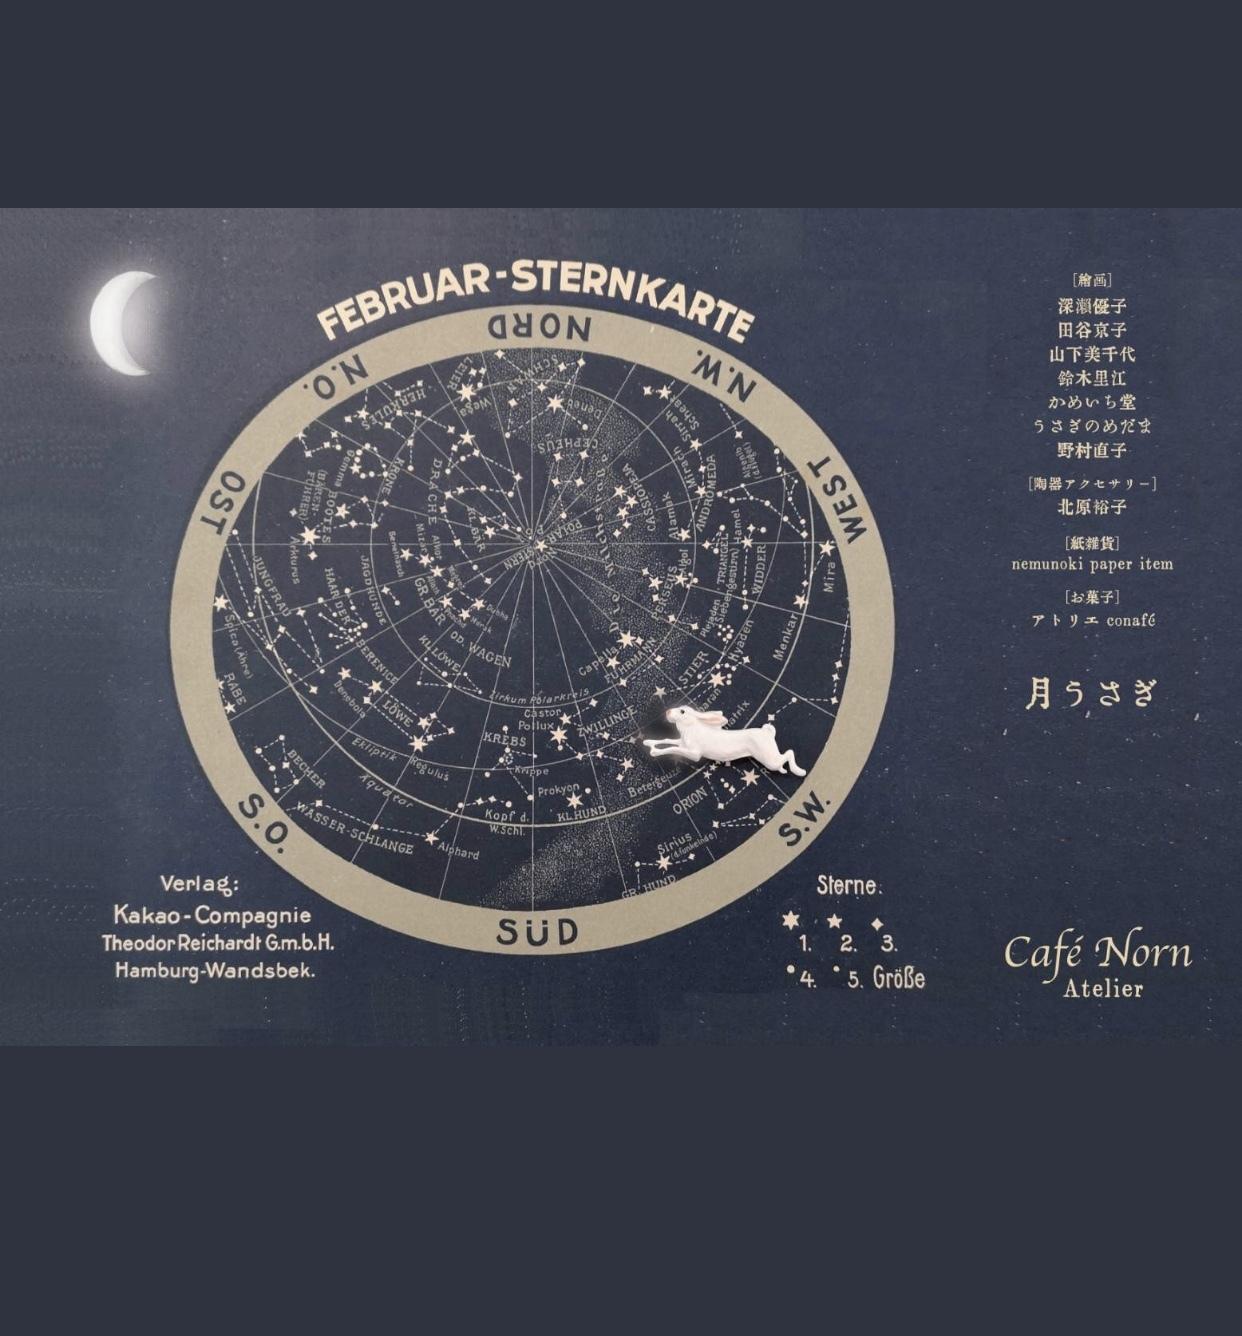 企画展『月うさぎ』に参加します @小平・一橋学園 隠れ家カフェノルン_a0137727_17065886.jpeg